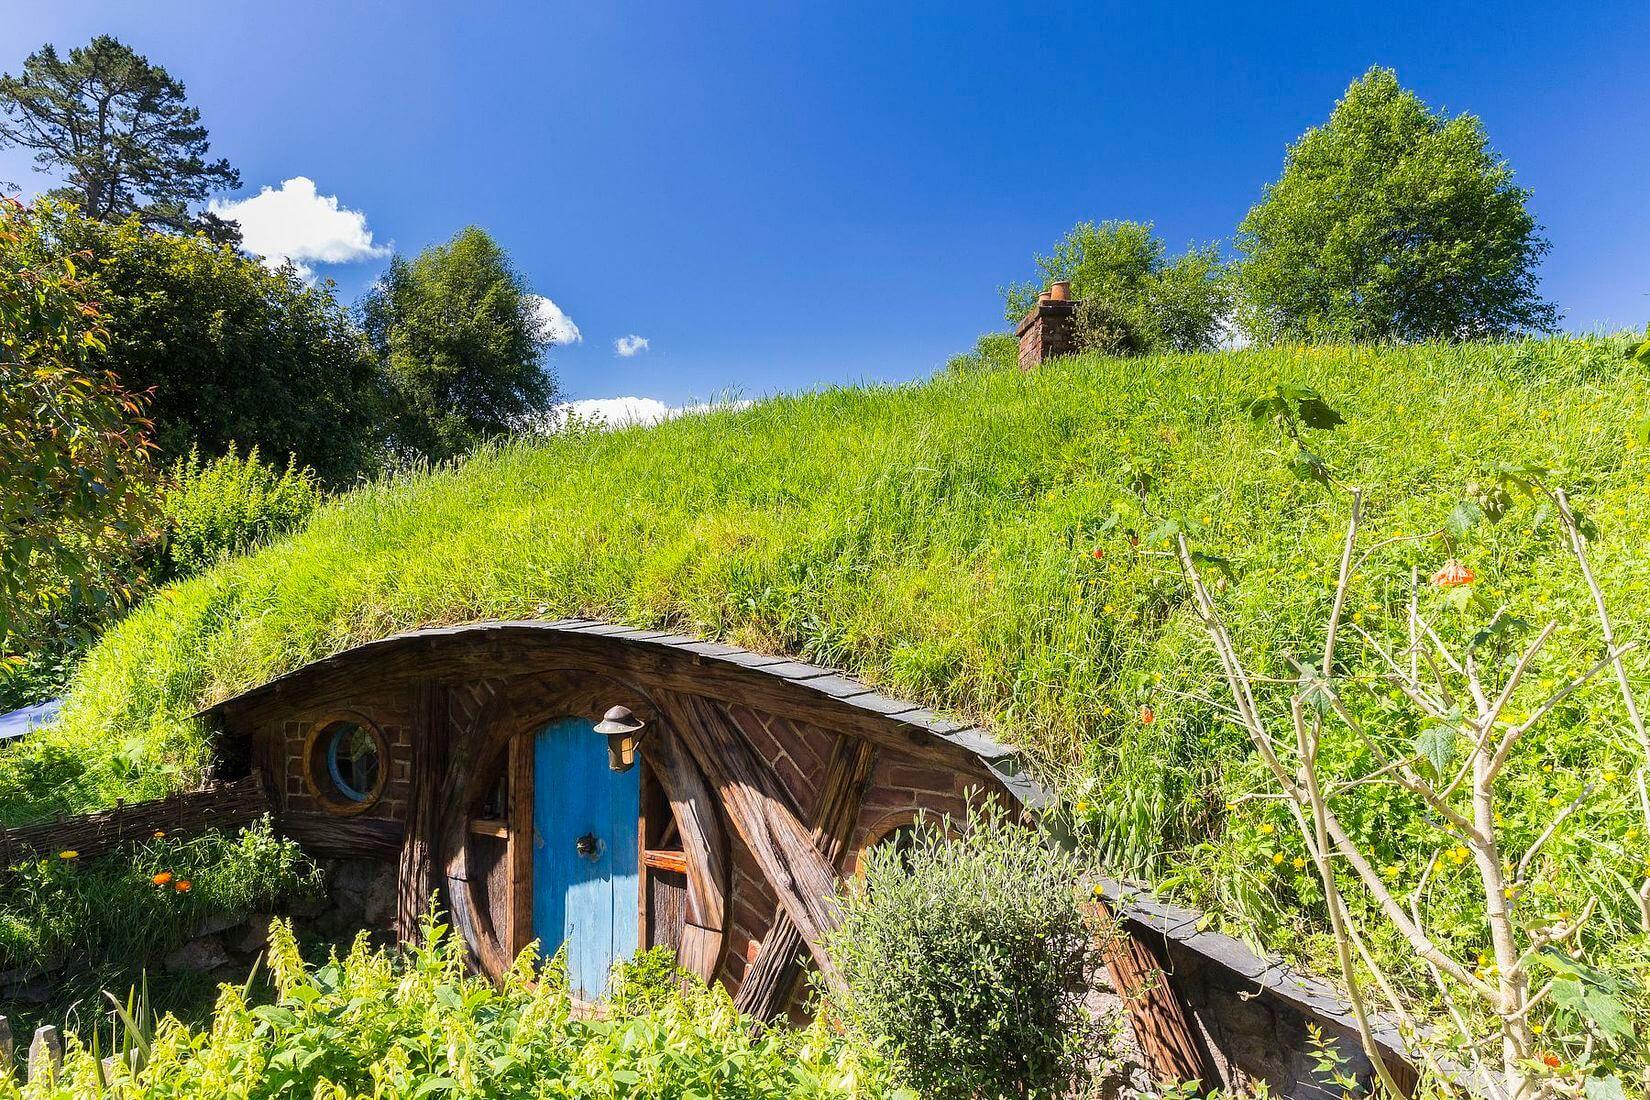 visiter l'île du nord de la nouvelle-zélande, le site d'hobbiton